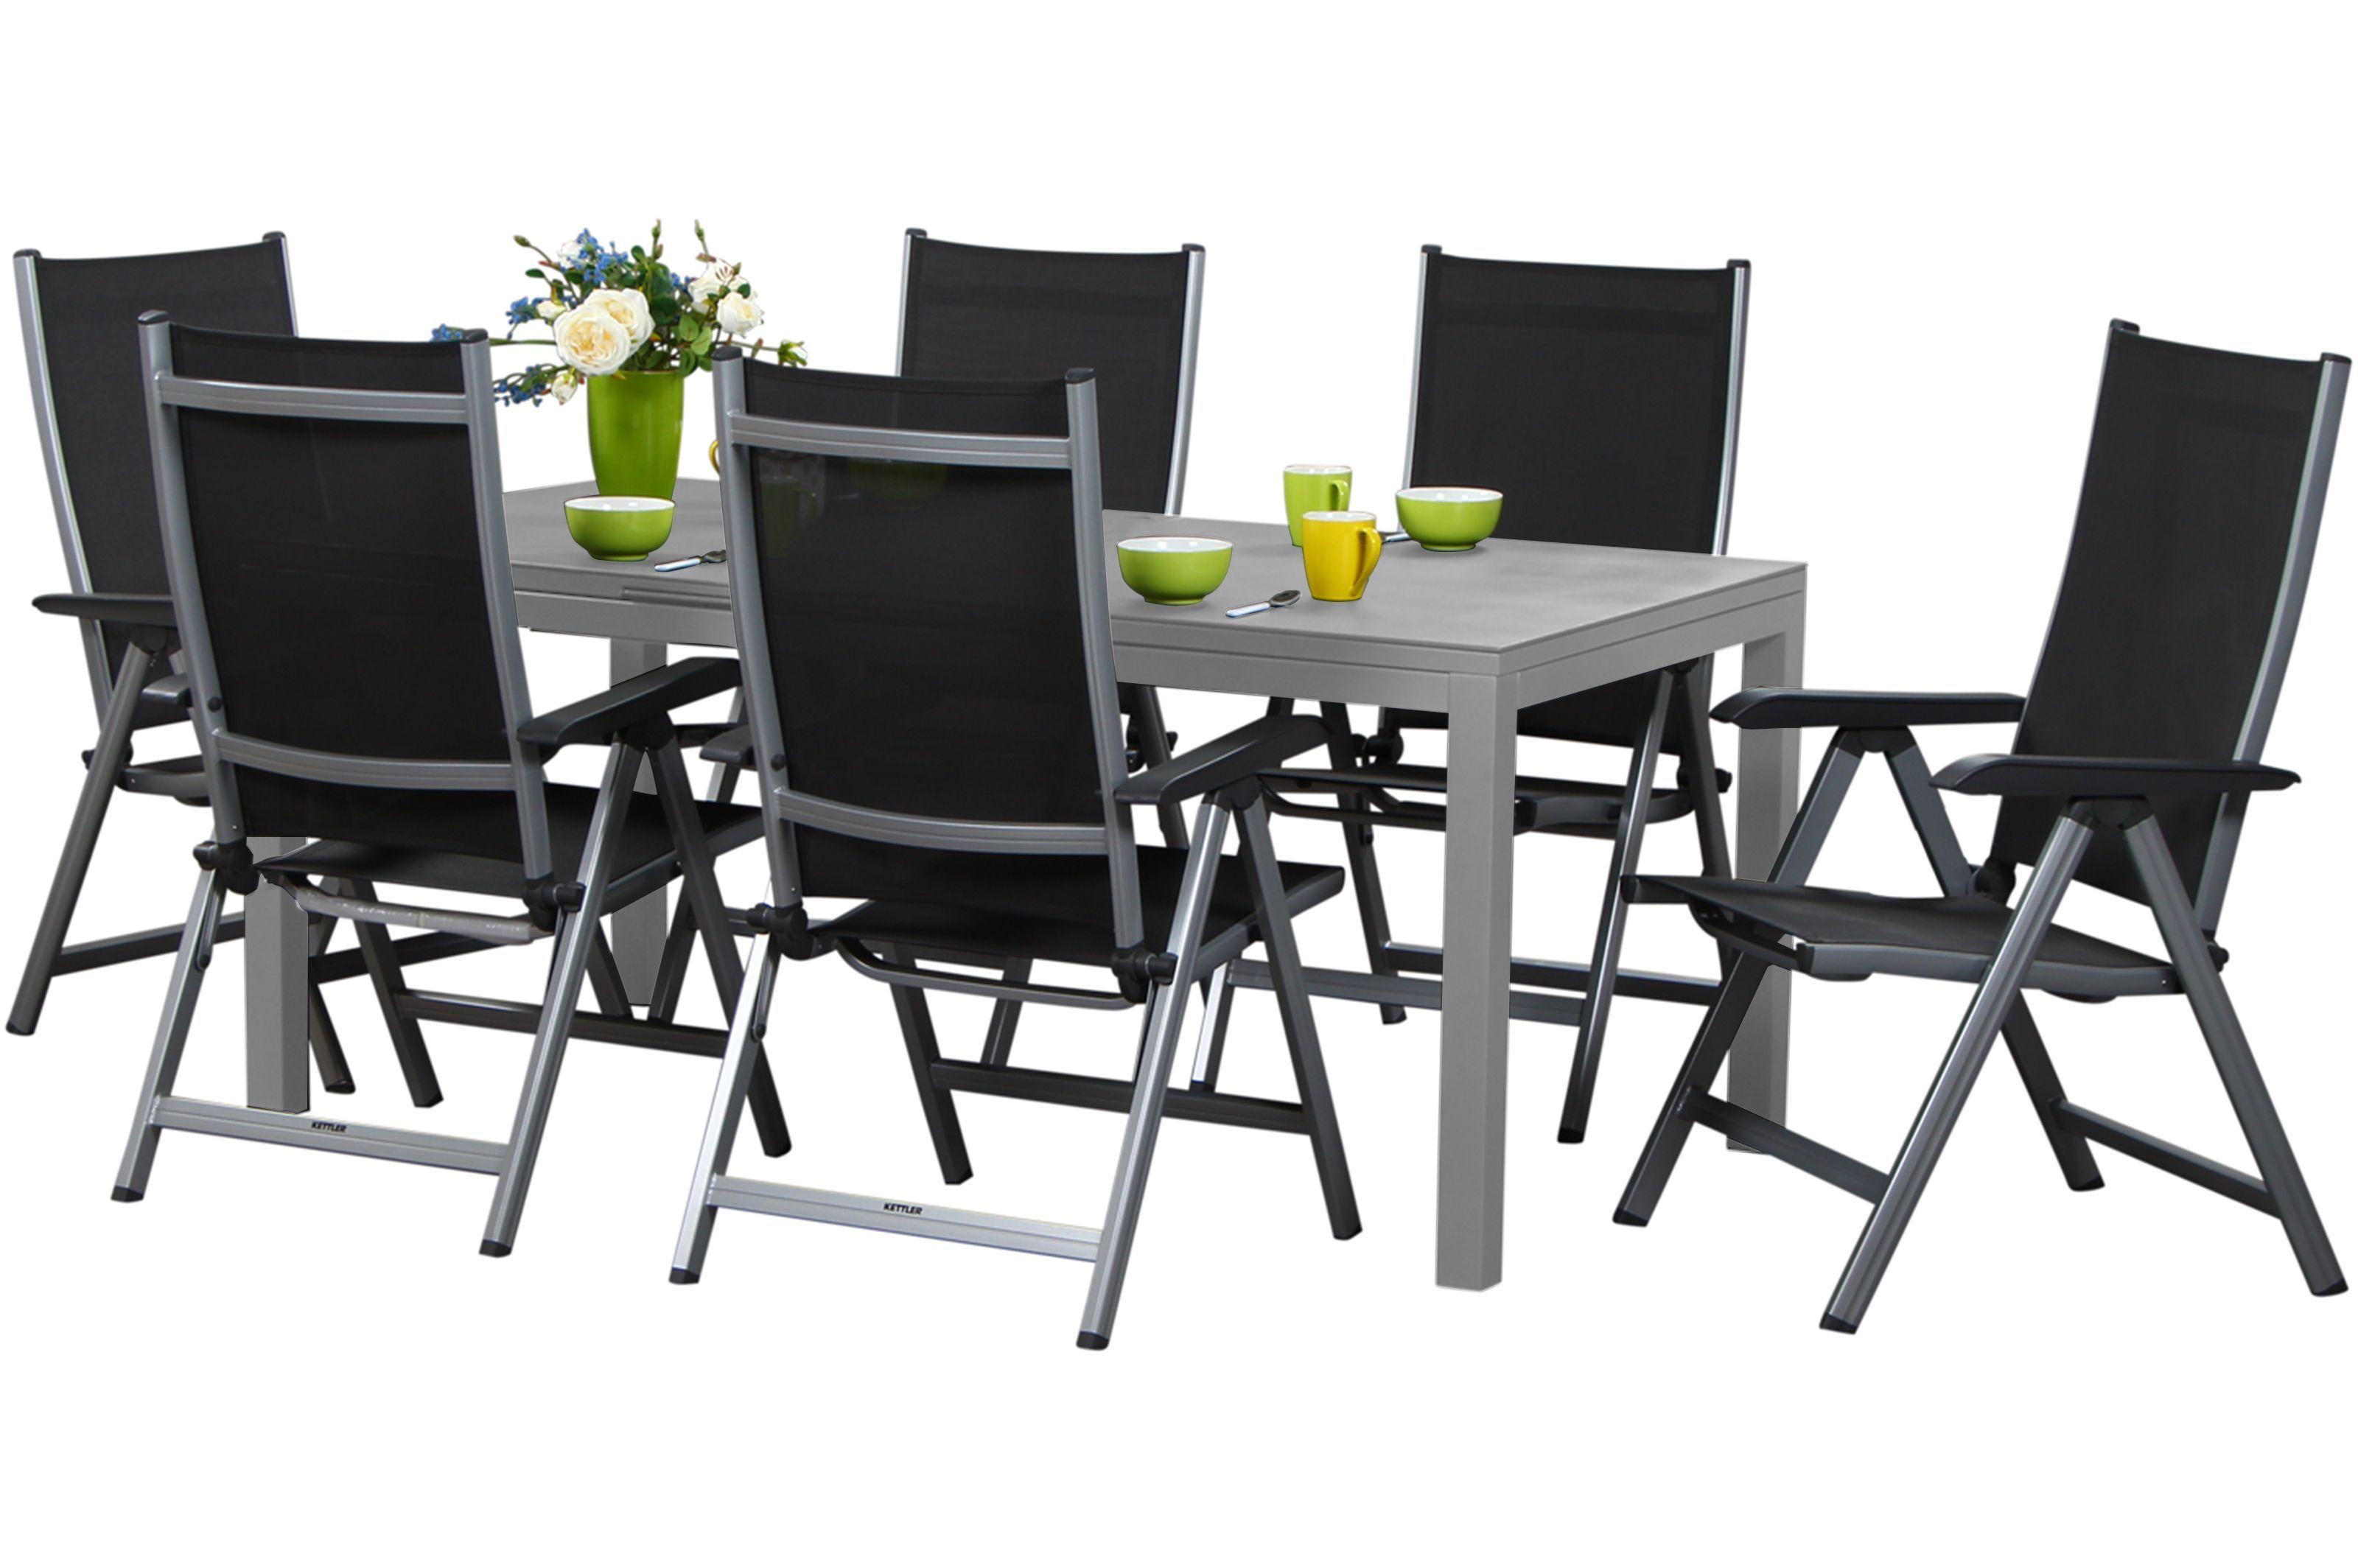 Kettler Basicplus Set 6 Sessel Tisch Silber Gartenmoebel De Gartenmobel Kettler Gartenmobel Terrassen Einrichtung